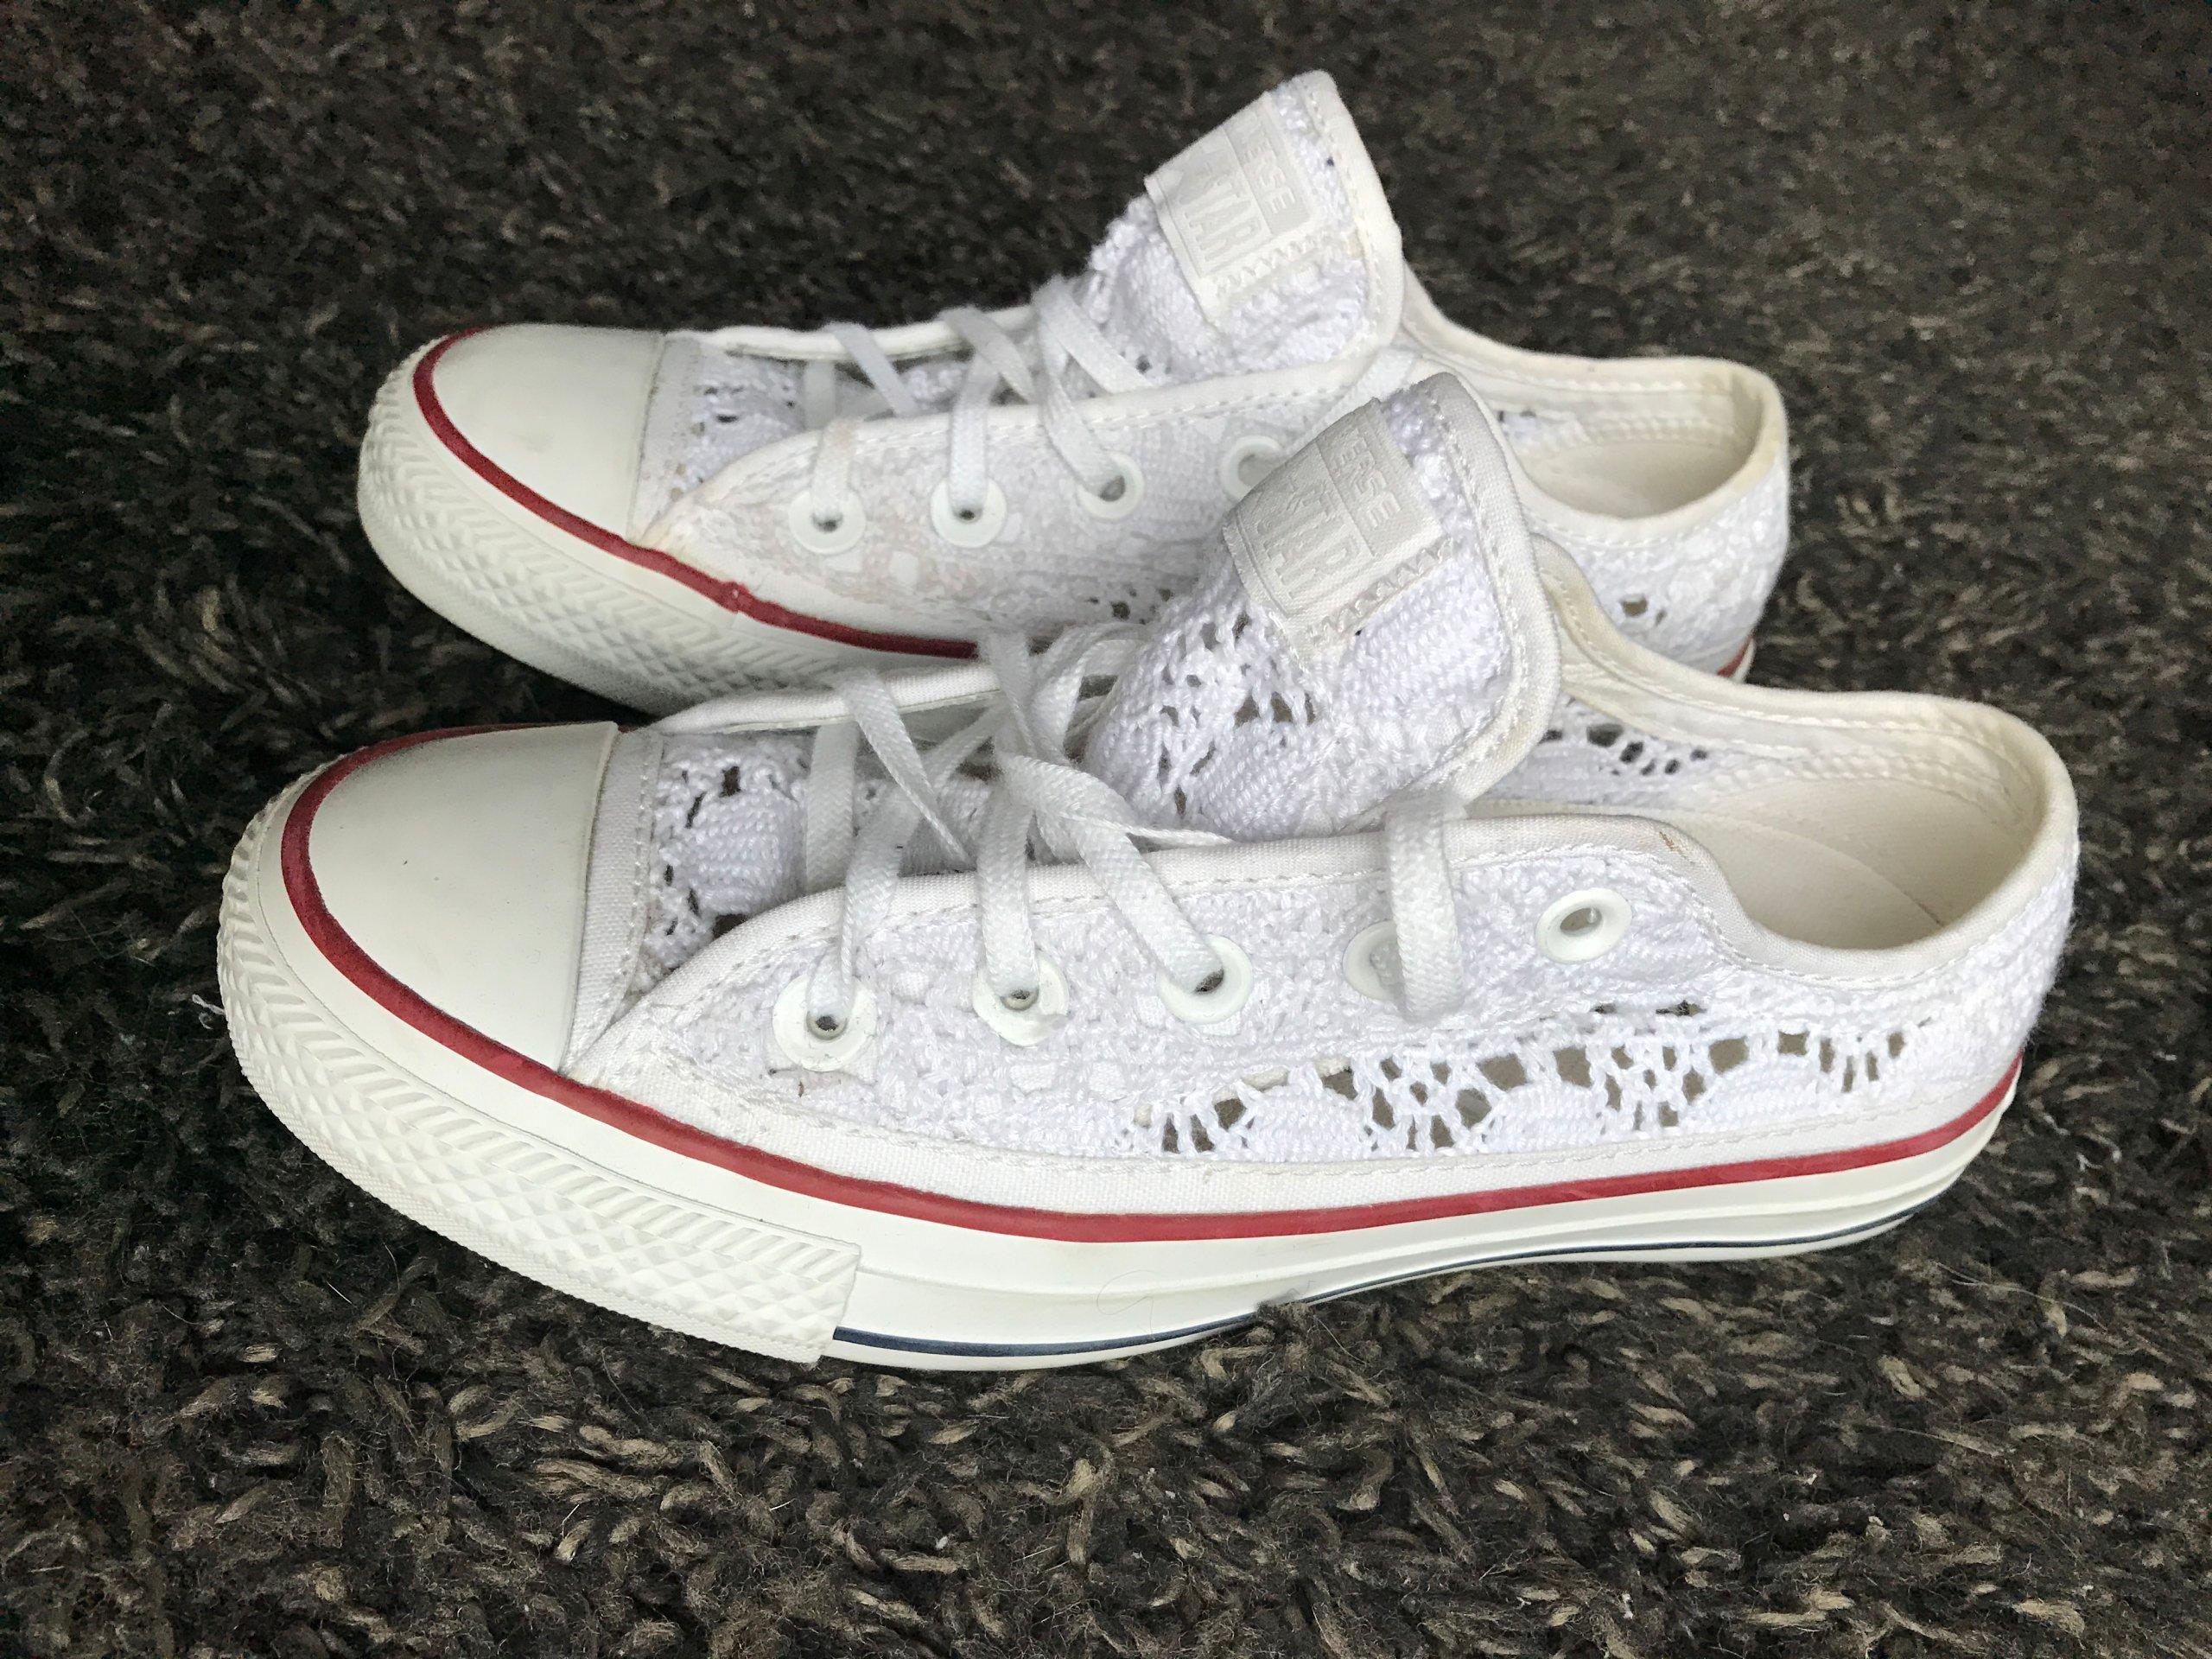 wielka wyprzedaż uk tania wyprzedaż usa sprzedawane na całym świecie TRAMPKI buty CONVERSE koronkowe biale PROMOCJA 36 ...